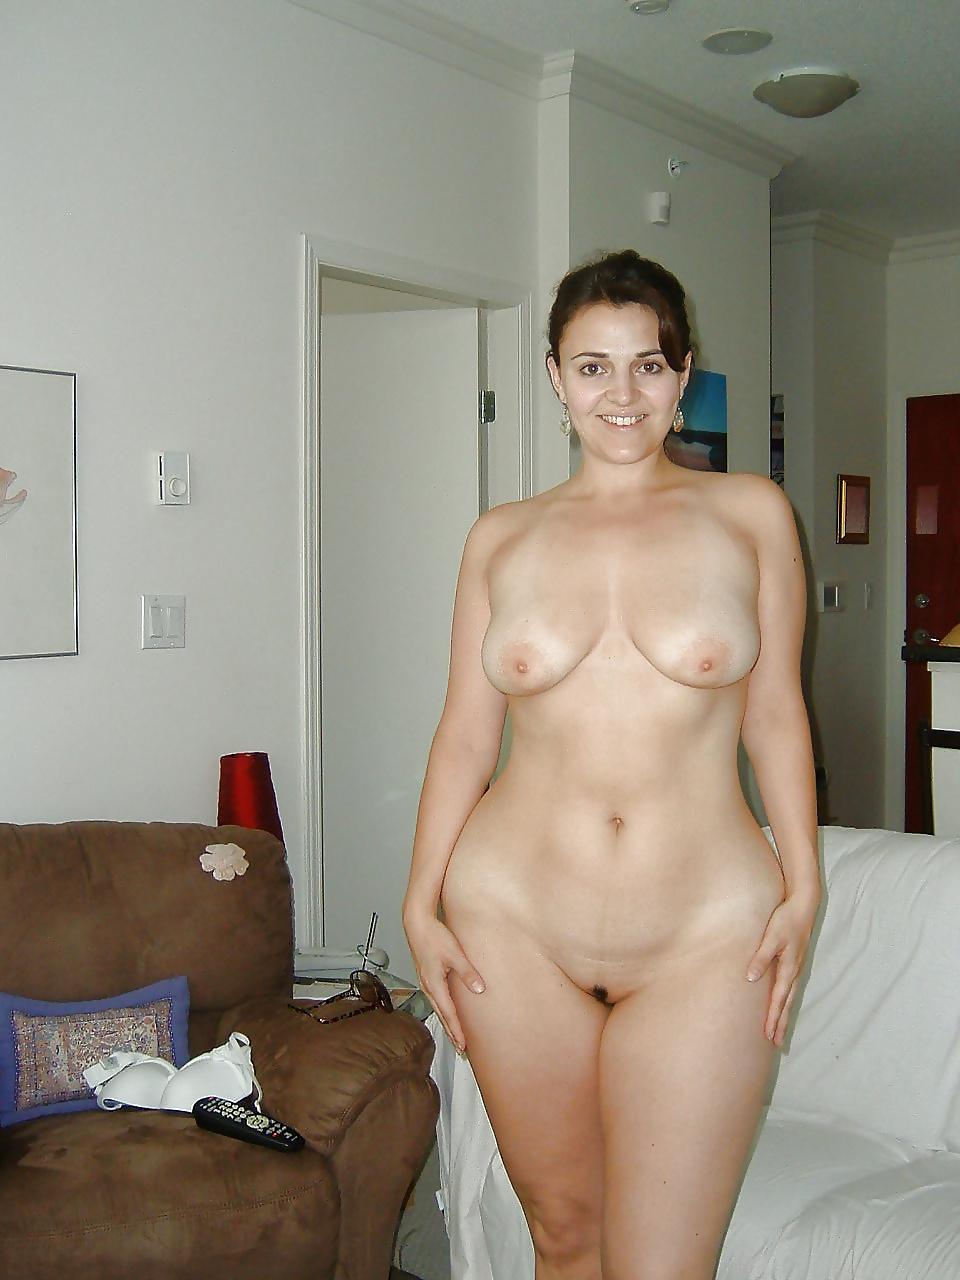 Ich habe natürlichen Körper mit grossem Körperteil